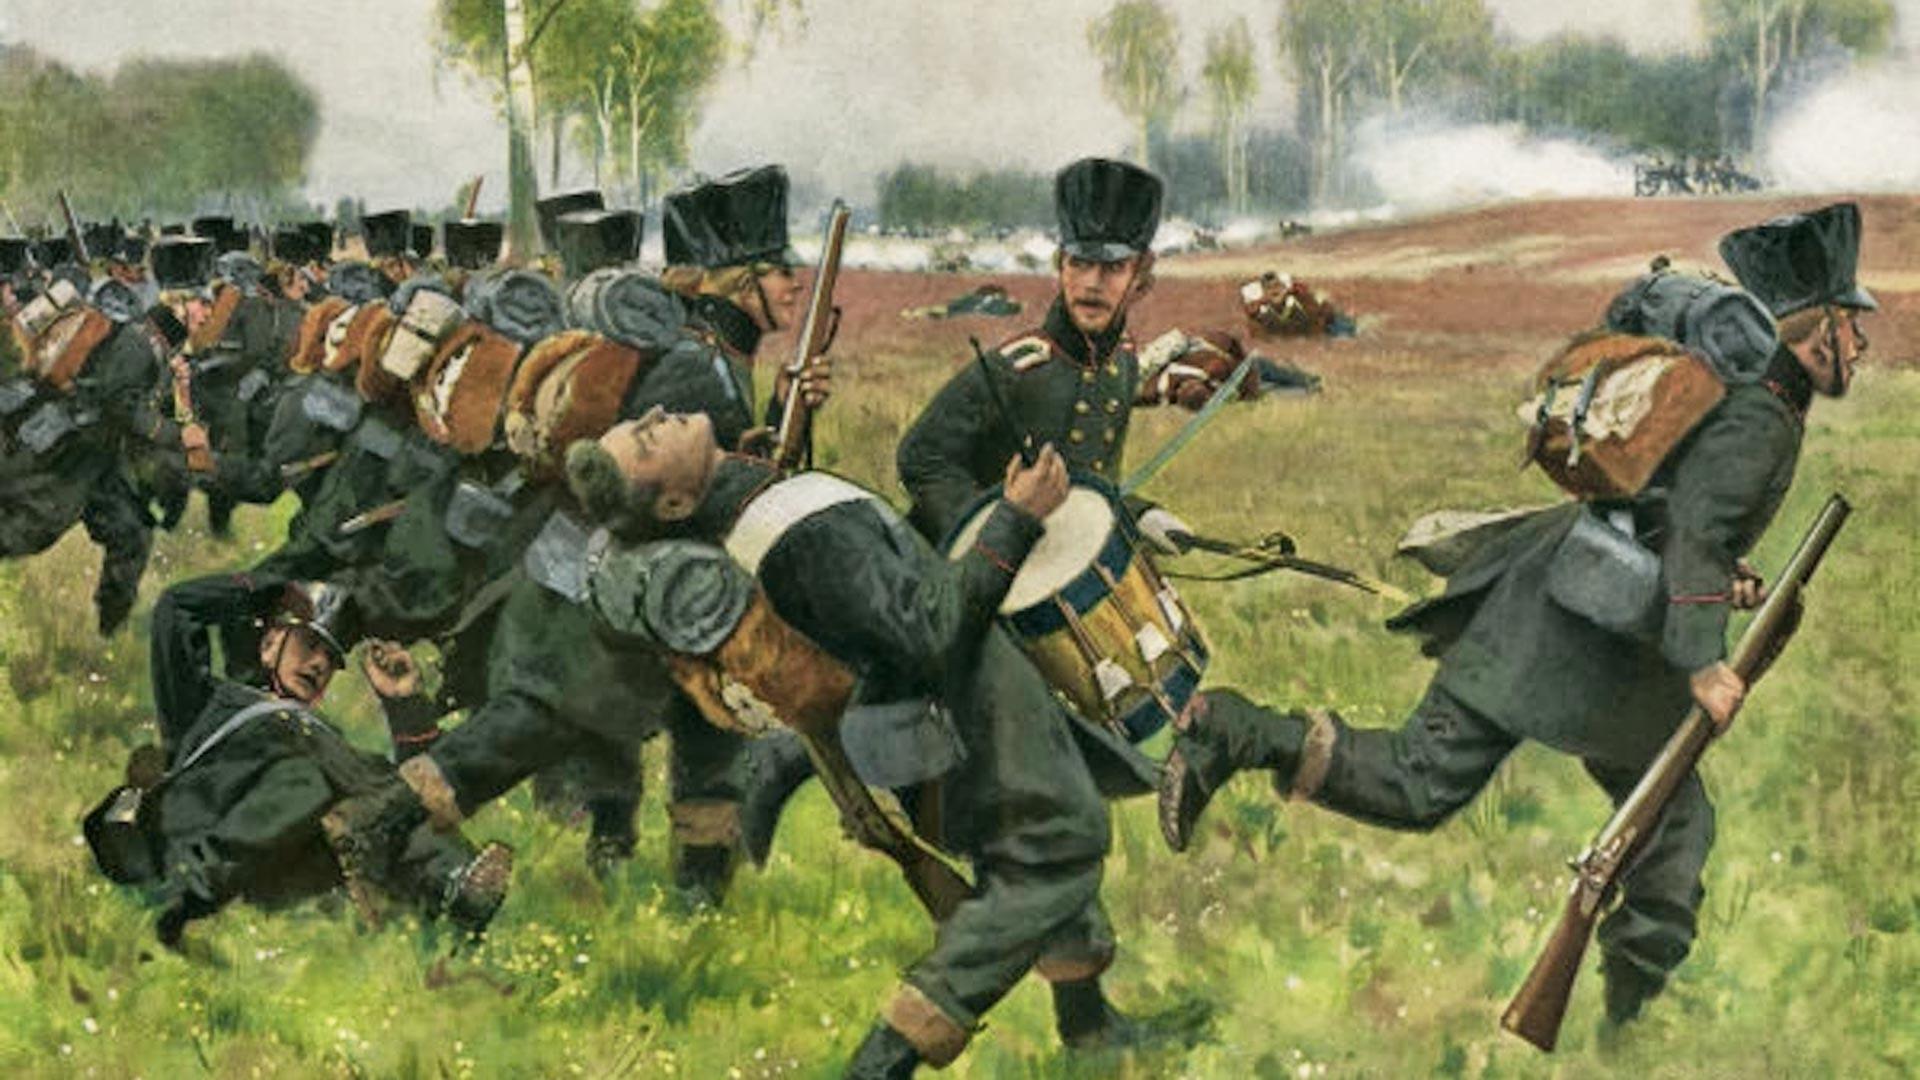 Елеонора Прохаска, жена борац у пруској војсци, пада смртно рањена у бици код Герде (16. септембра 1813).